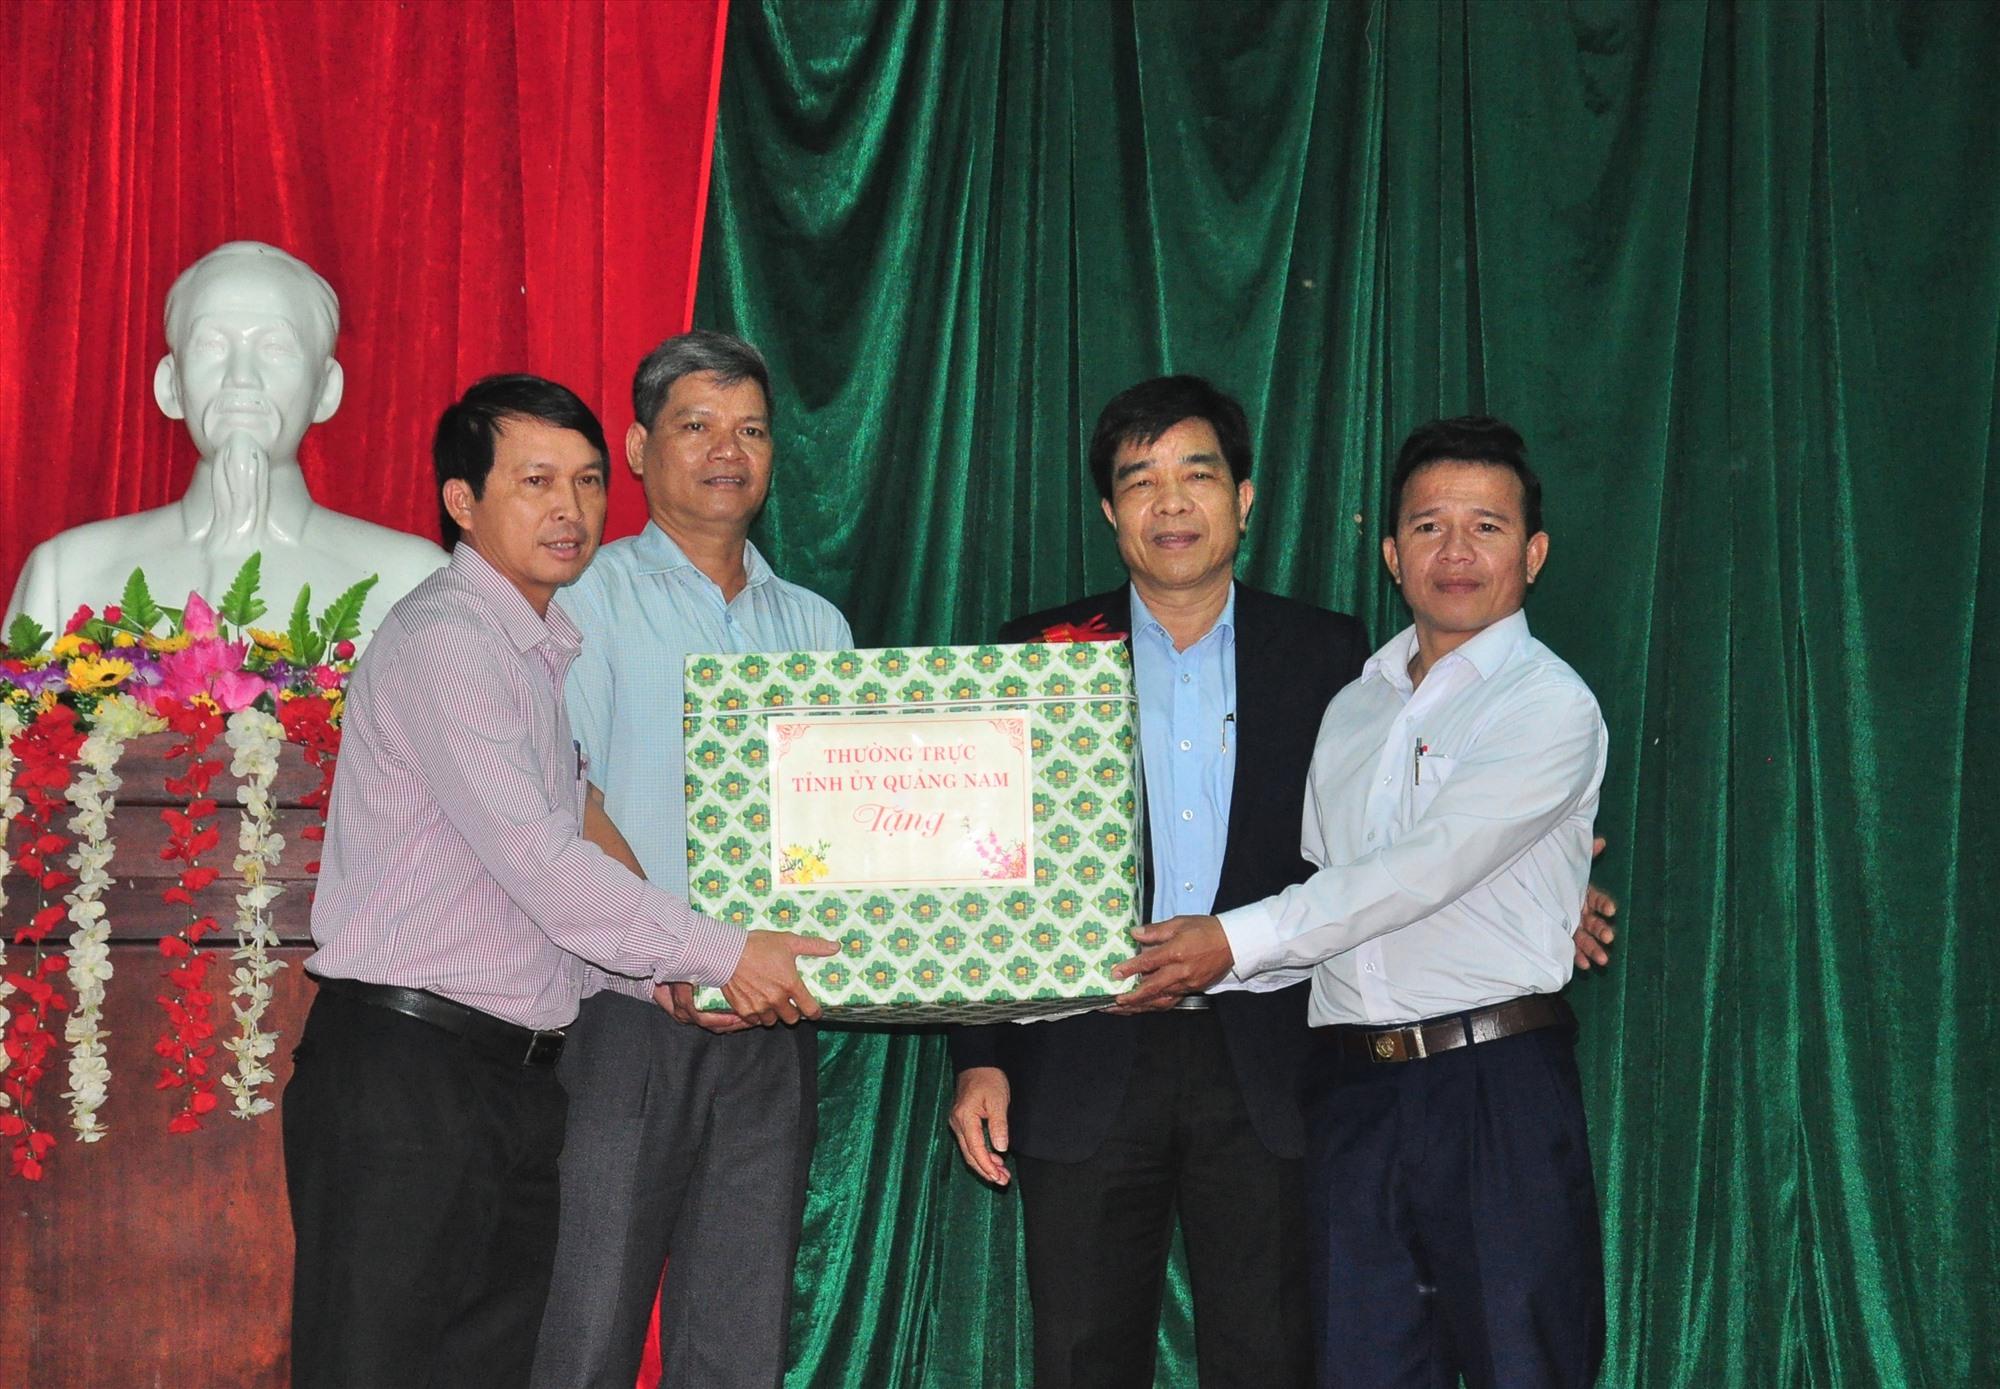 Phó Bí thư Thường trực Tỉnh ủy Lê Văn Dũng tặng quà tết cho Đảng, UBND xã Tam Trà. Ảnh: V.A